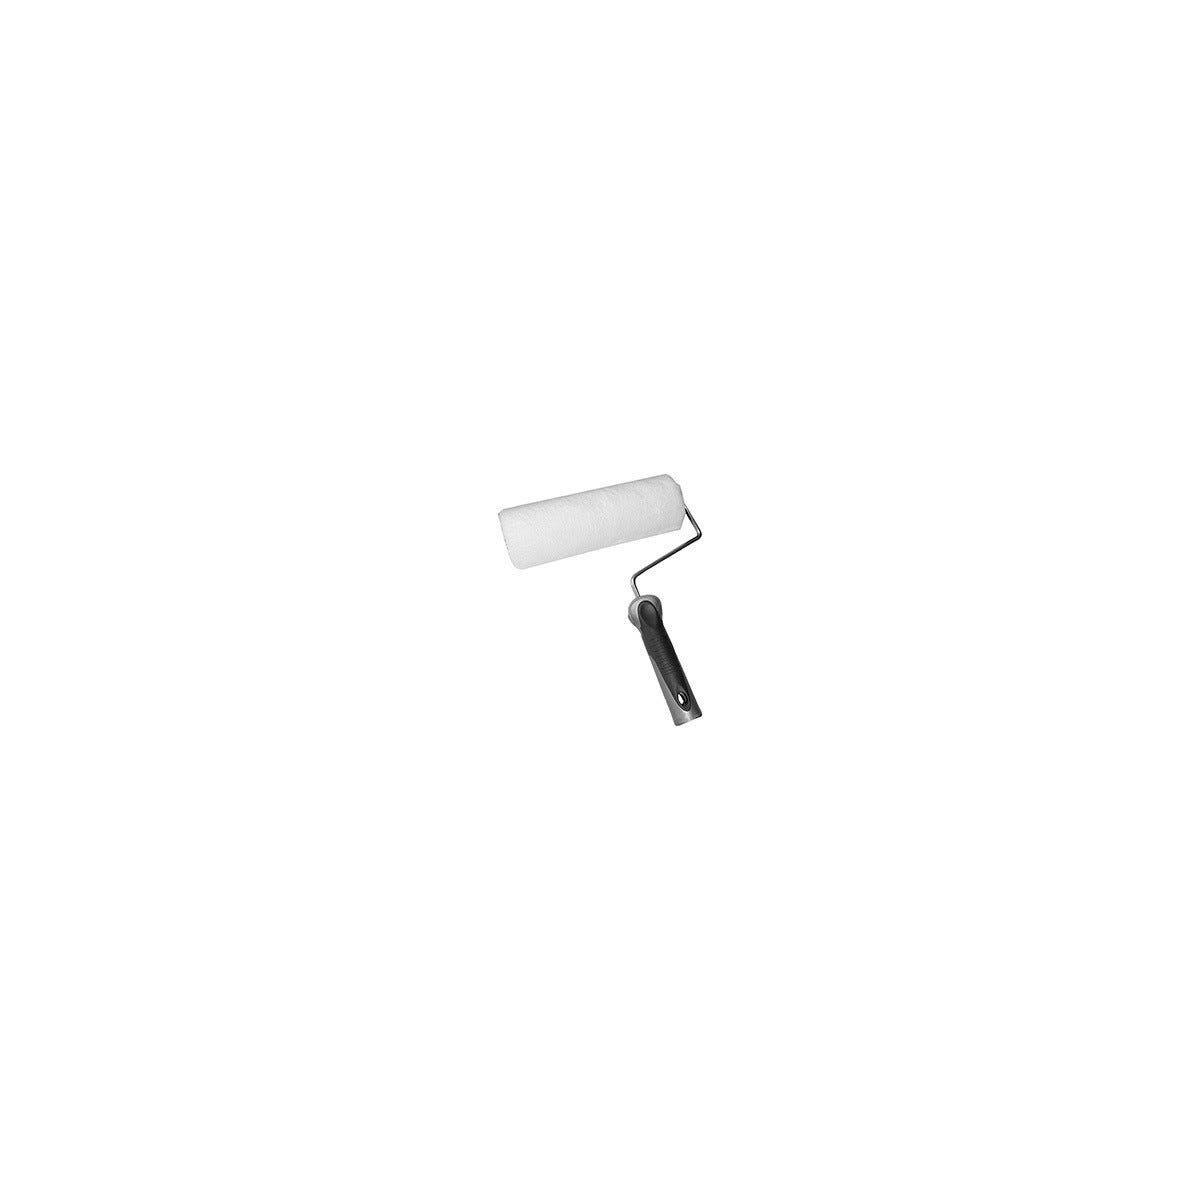 CINGHIALE Rullo Completo 23cm In Tessuto Ideale Per Muri Plafoni E Cartongesso